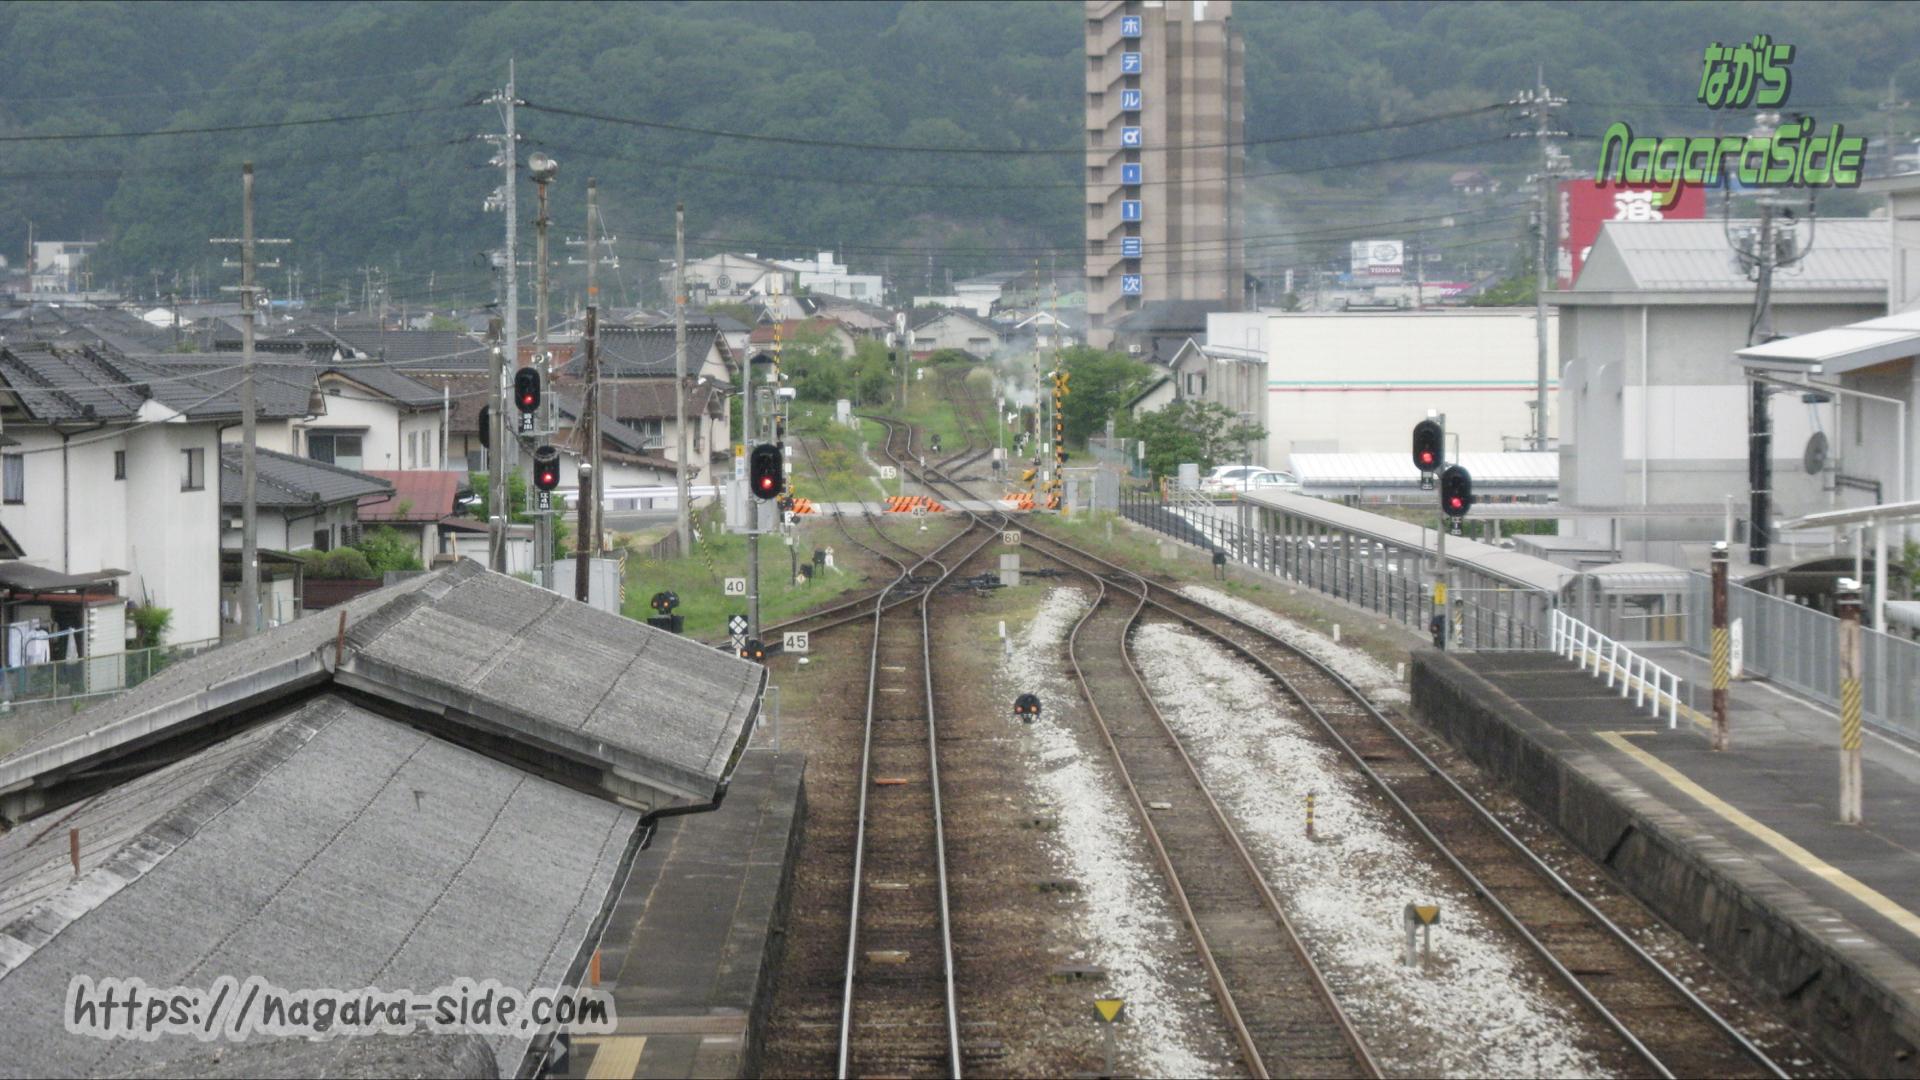 三次駅から望む芸備線と三江線の分岐点